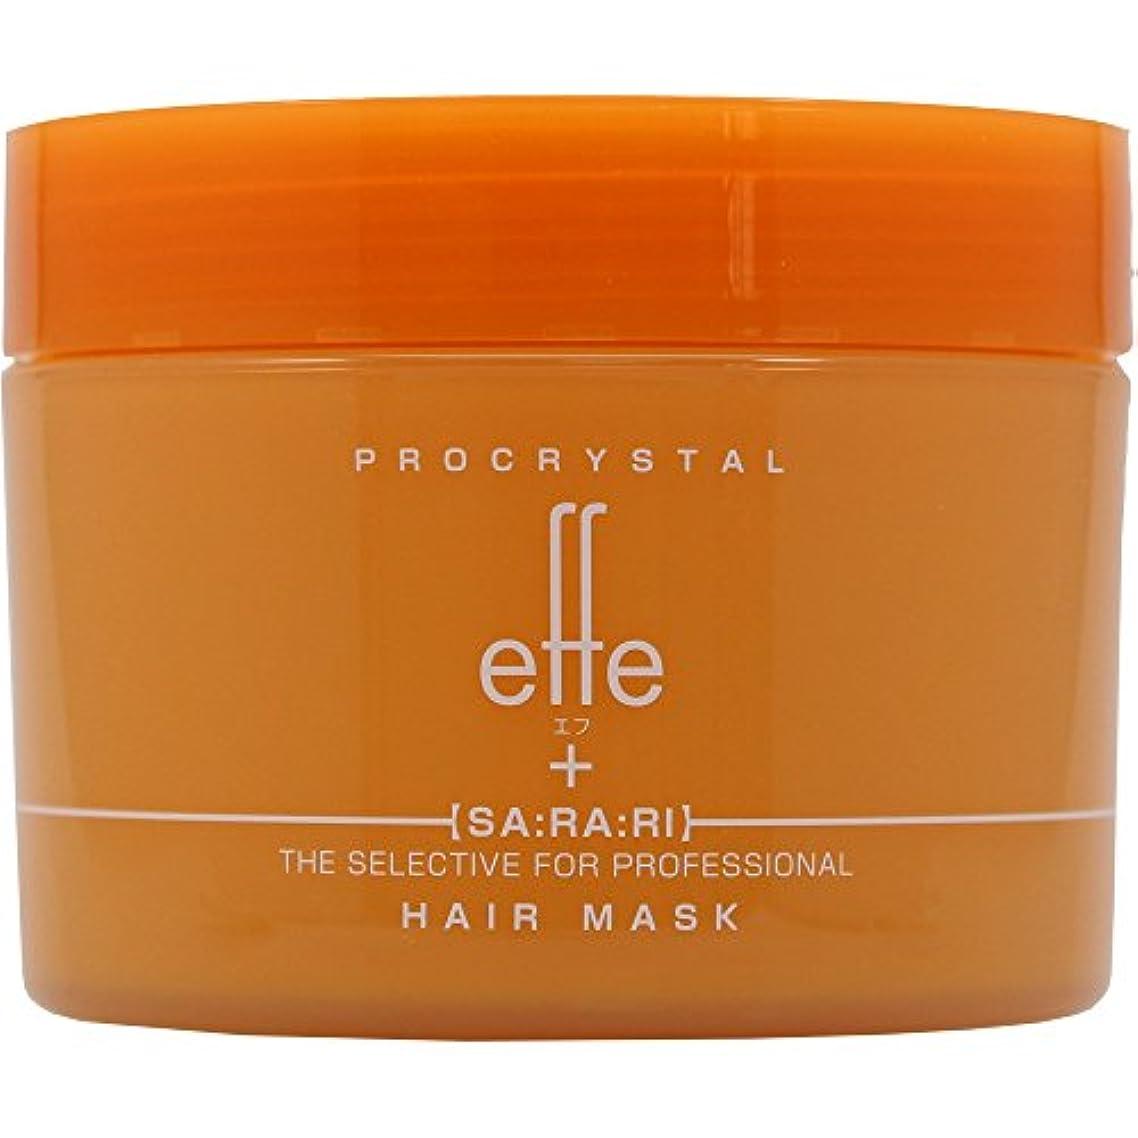 レジ見つけるキャストアペティート化粧品 プロクリスタル effe (エフ) ヘアマスク さらり200g